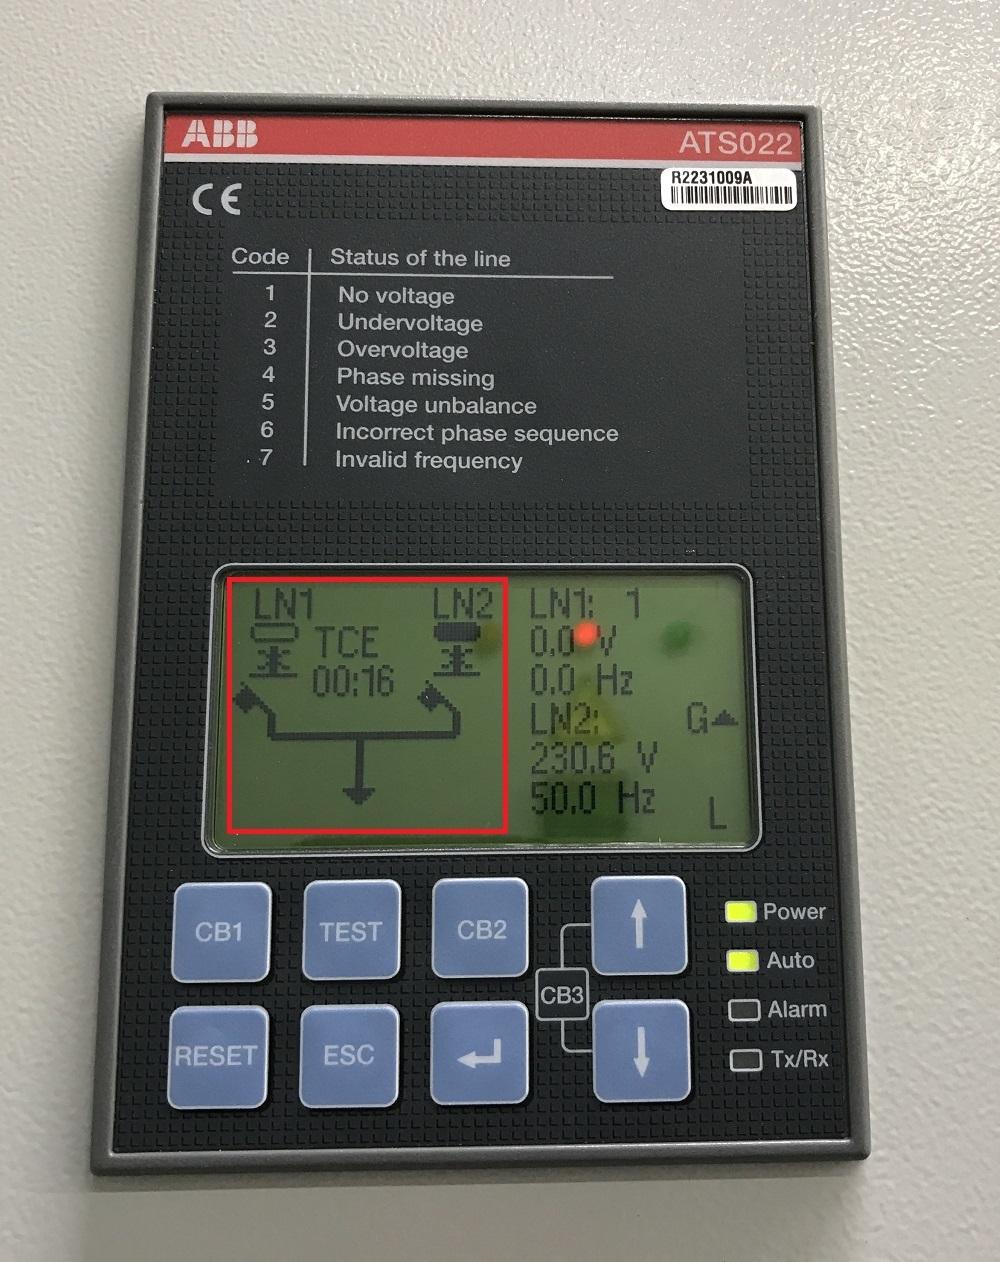 Как тестируют ДГУ в дата-центре - 5